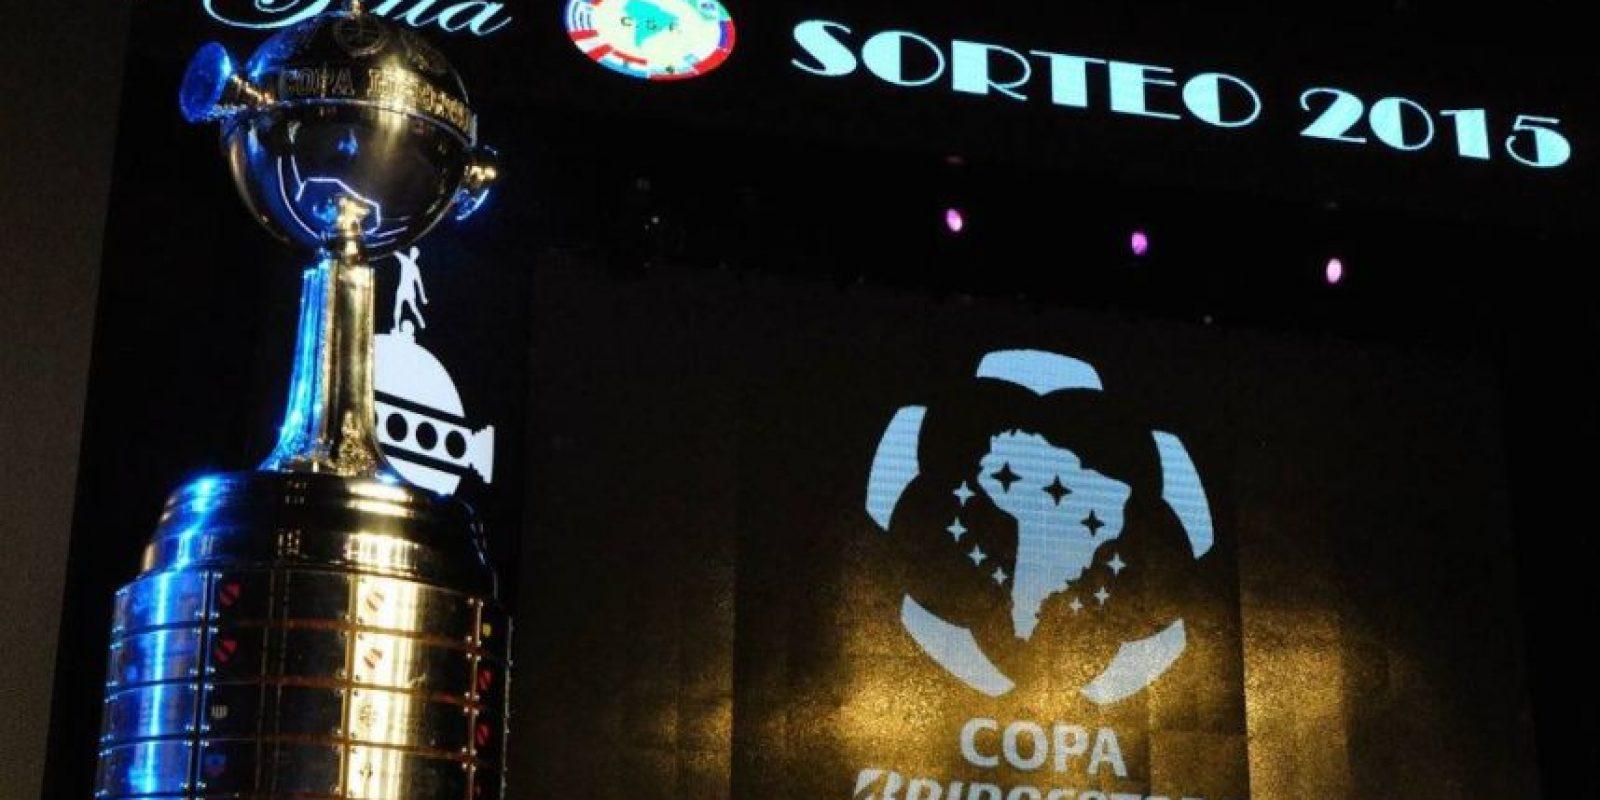 Tras los duelos de cuartos de final, así quedaron las semifinales de la Copa Libertadores 2015. Foto:AFP